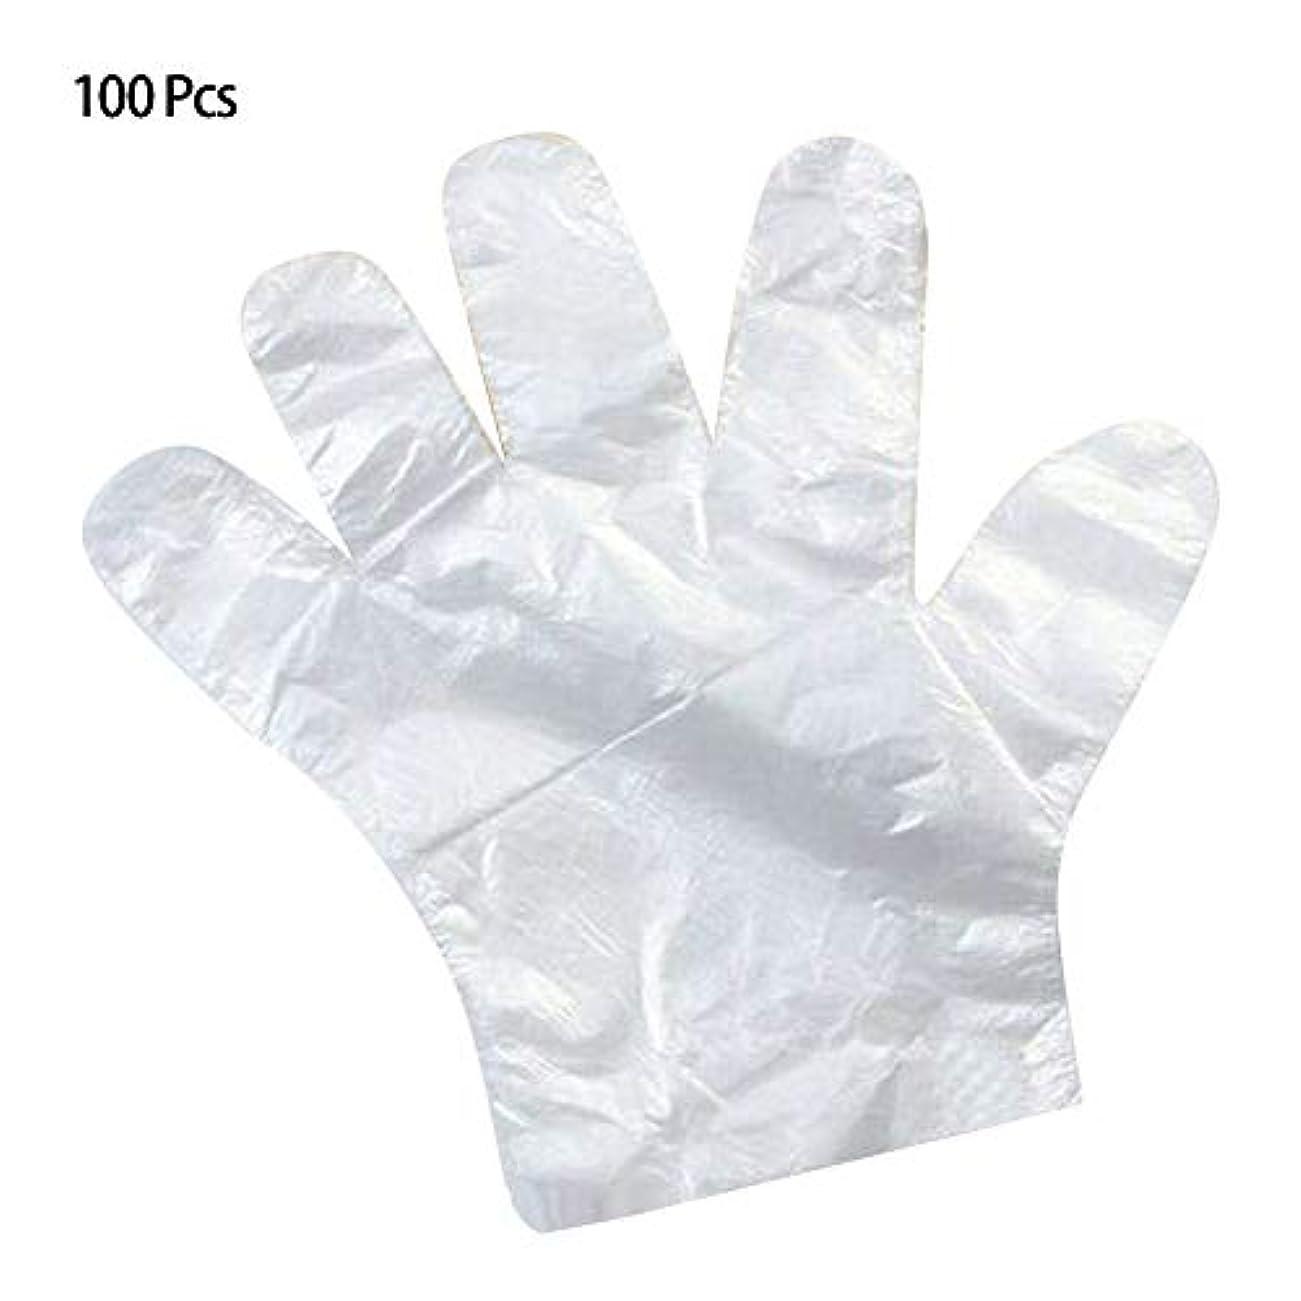 肺イライラする埋めるLITI 使い捨て手袋 極薄ビニール手袋 透明 実用 衛生 極薄手袋 美容 調理 お掃除 毛染め 左右兼用 100枚